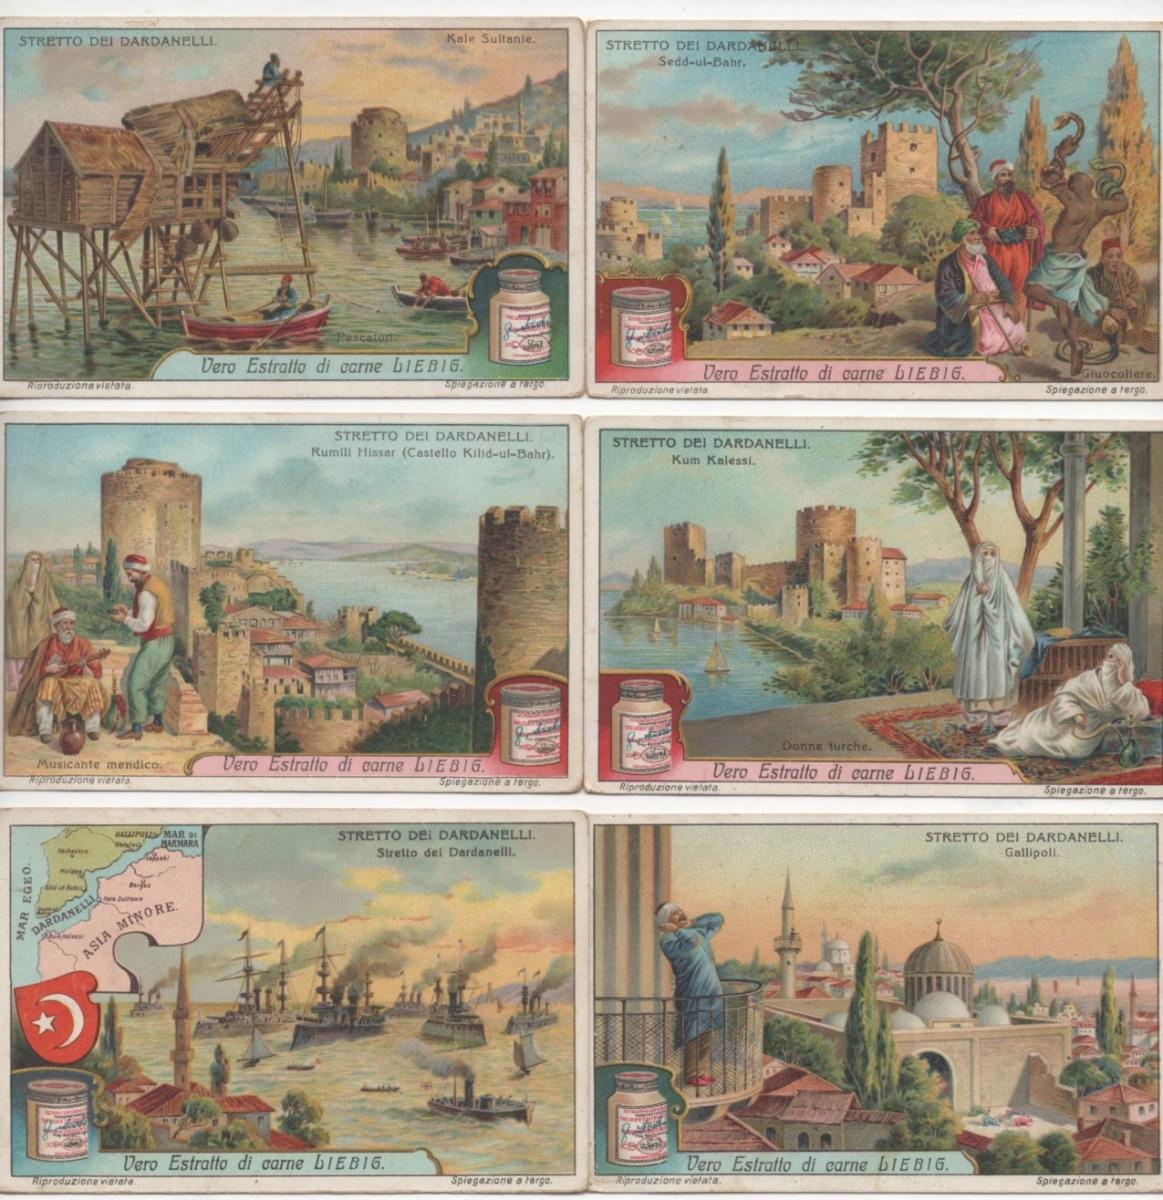 Cartofilia citt famose costantinopoli istanbul for Siti di collezionismo